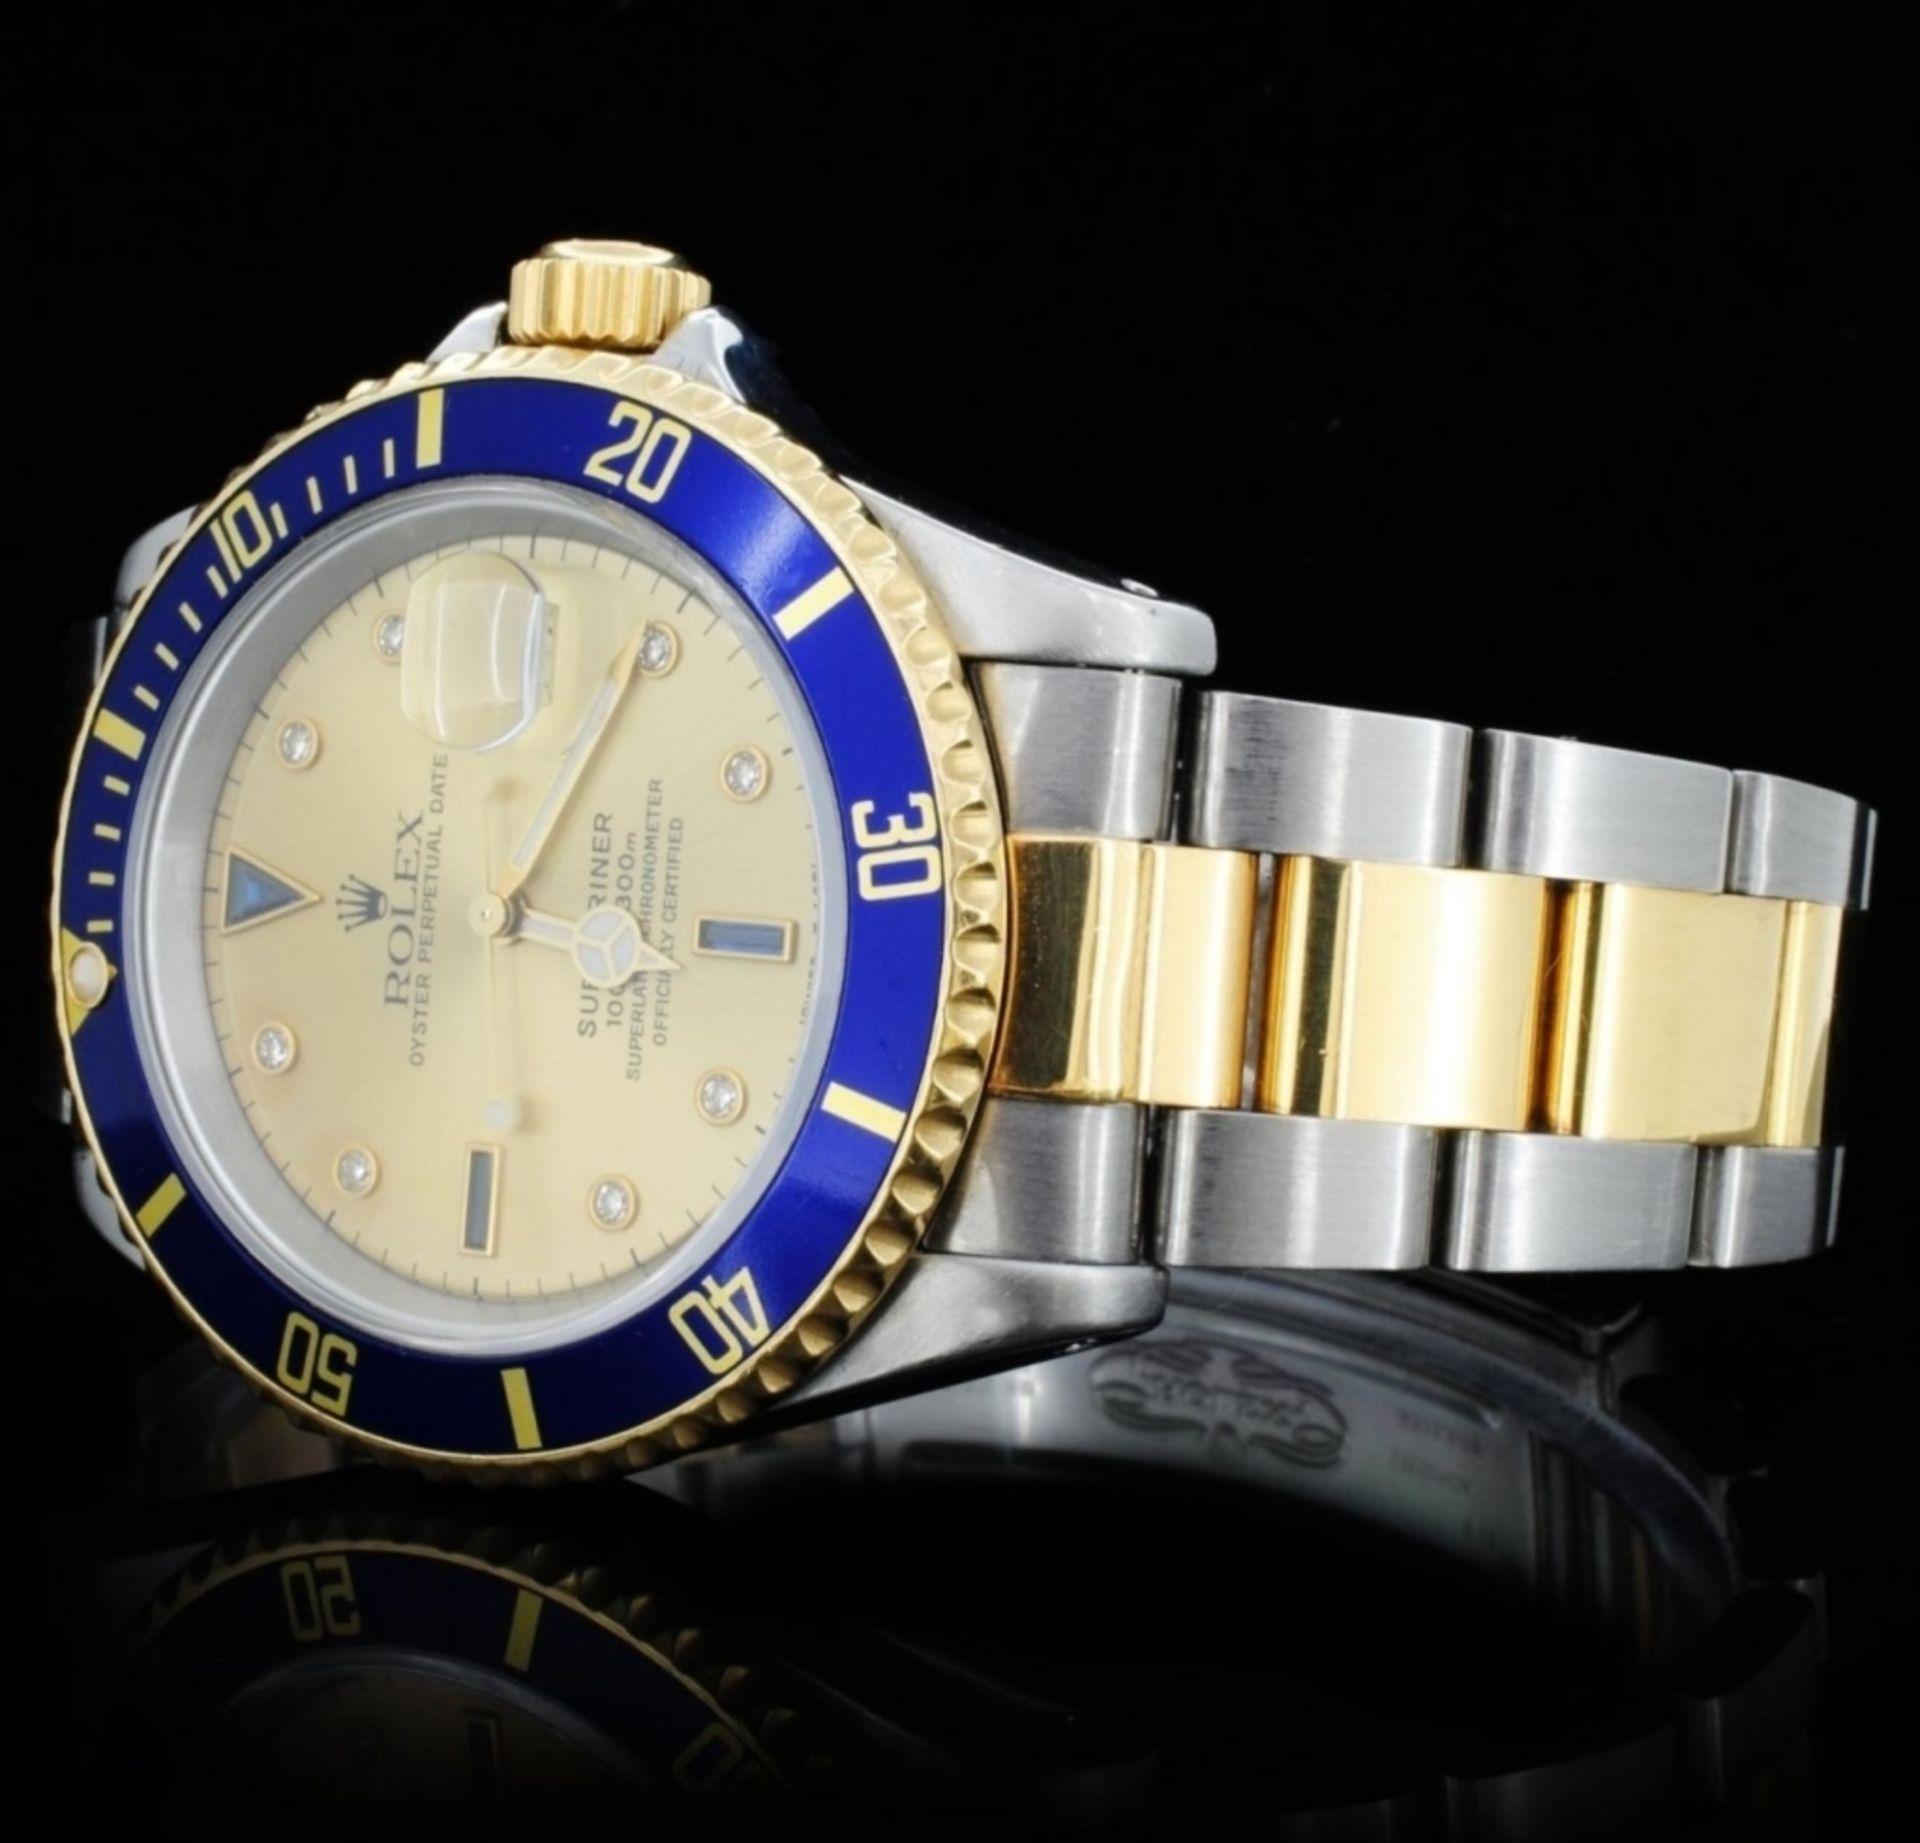 Rolex YG/SS Submariner Men's Wristwatch - Image 3 of 6